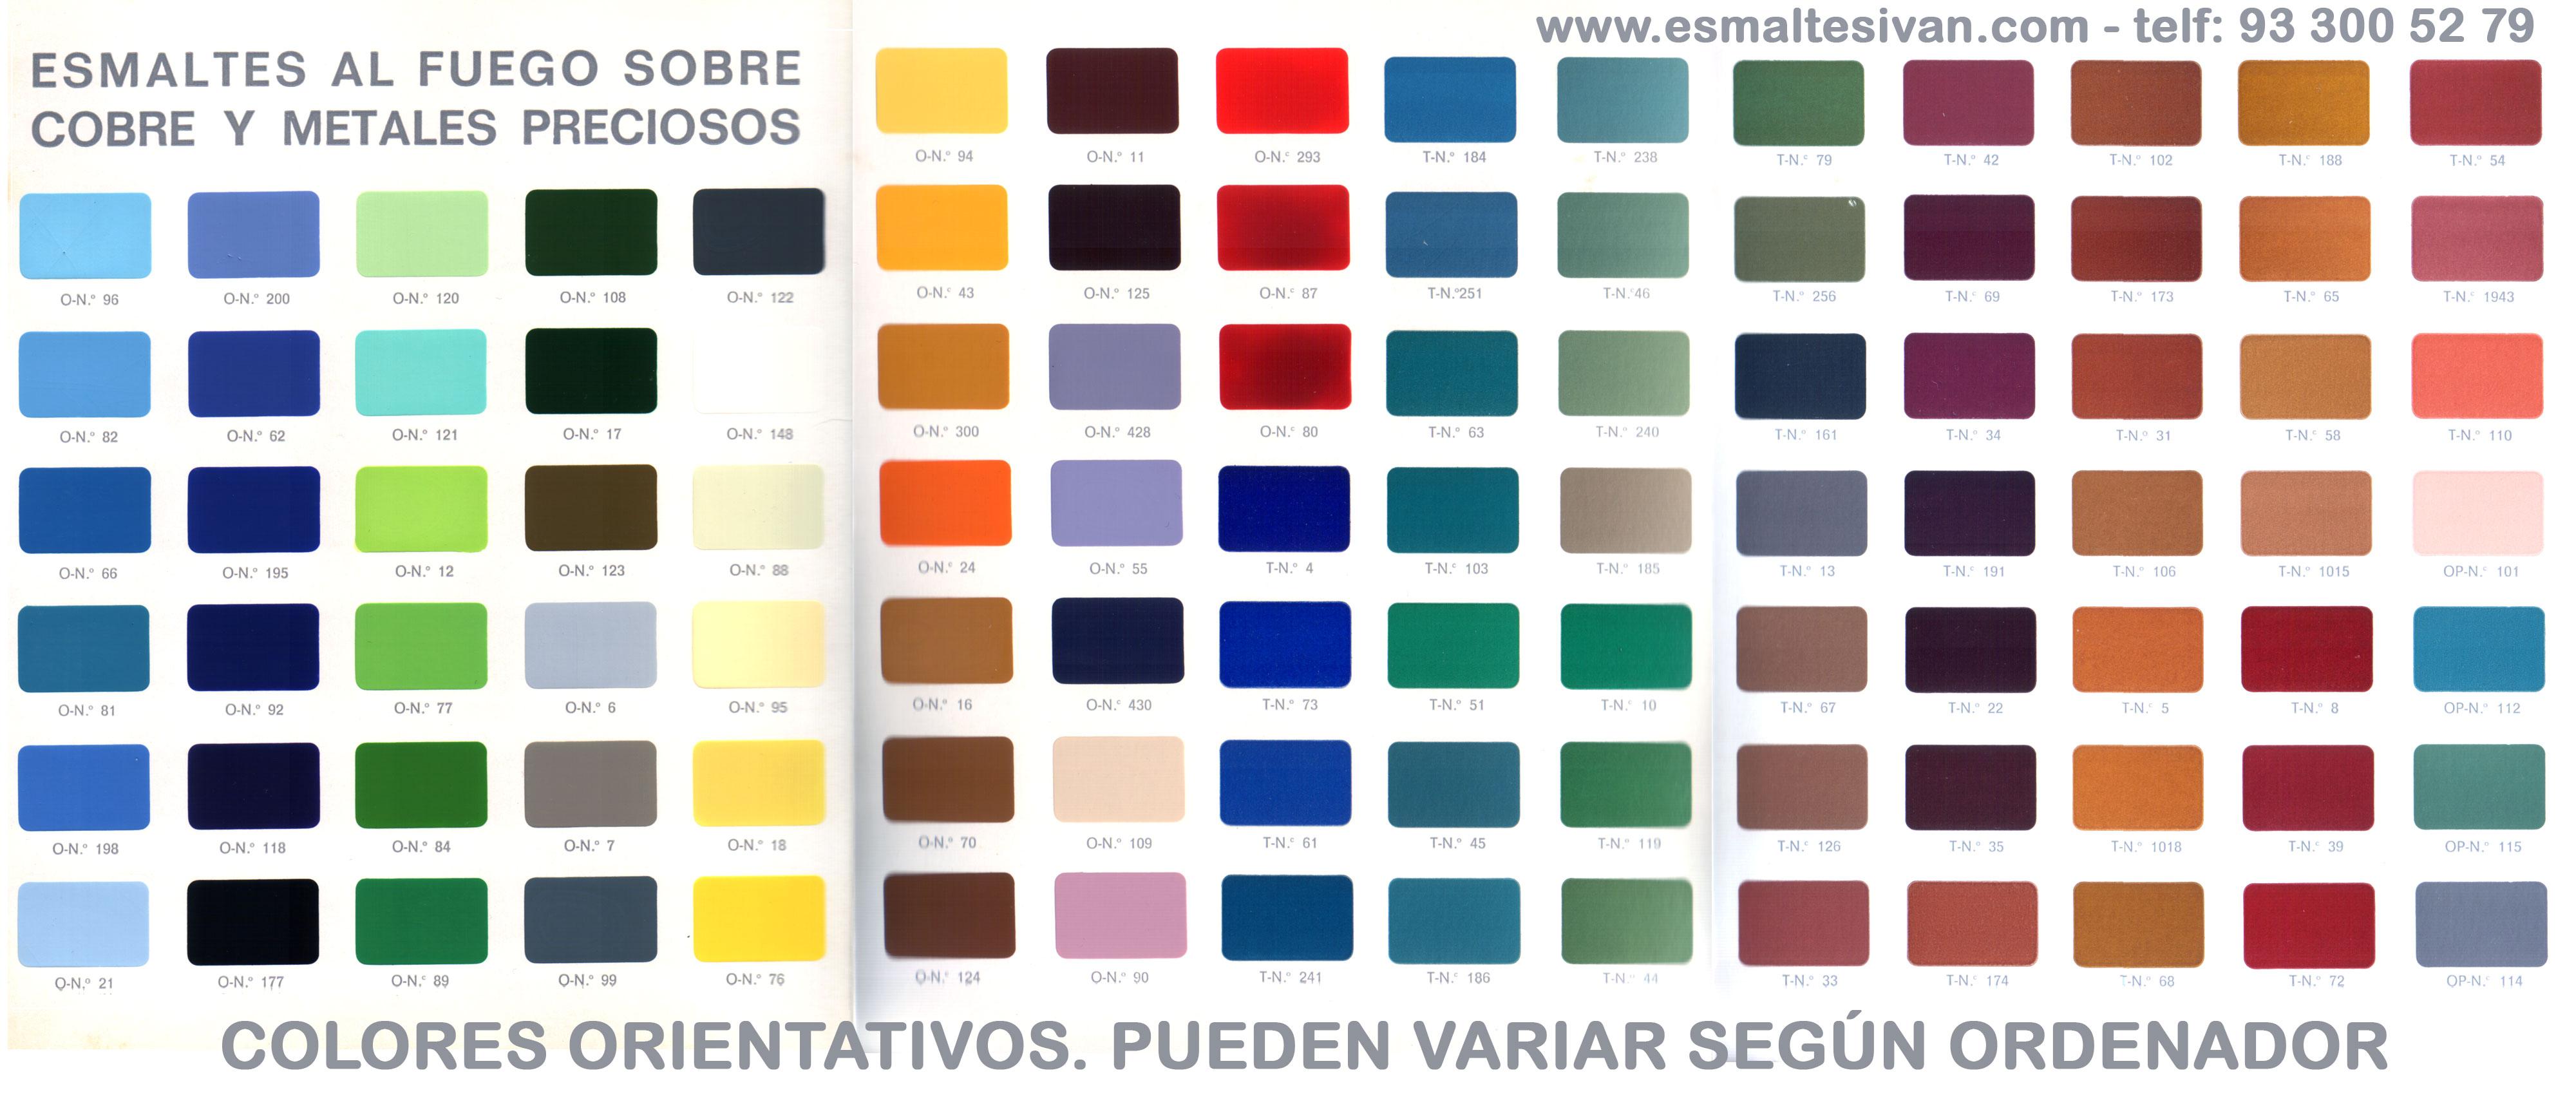 Esmaltes al fuego esmaltes ivan - Paleta de colores titanlux ...